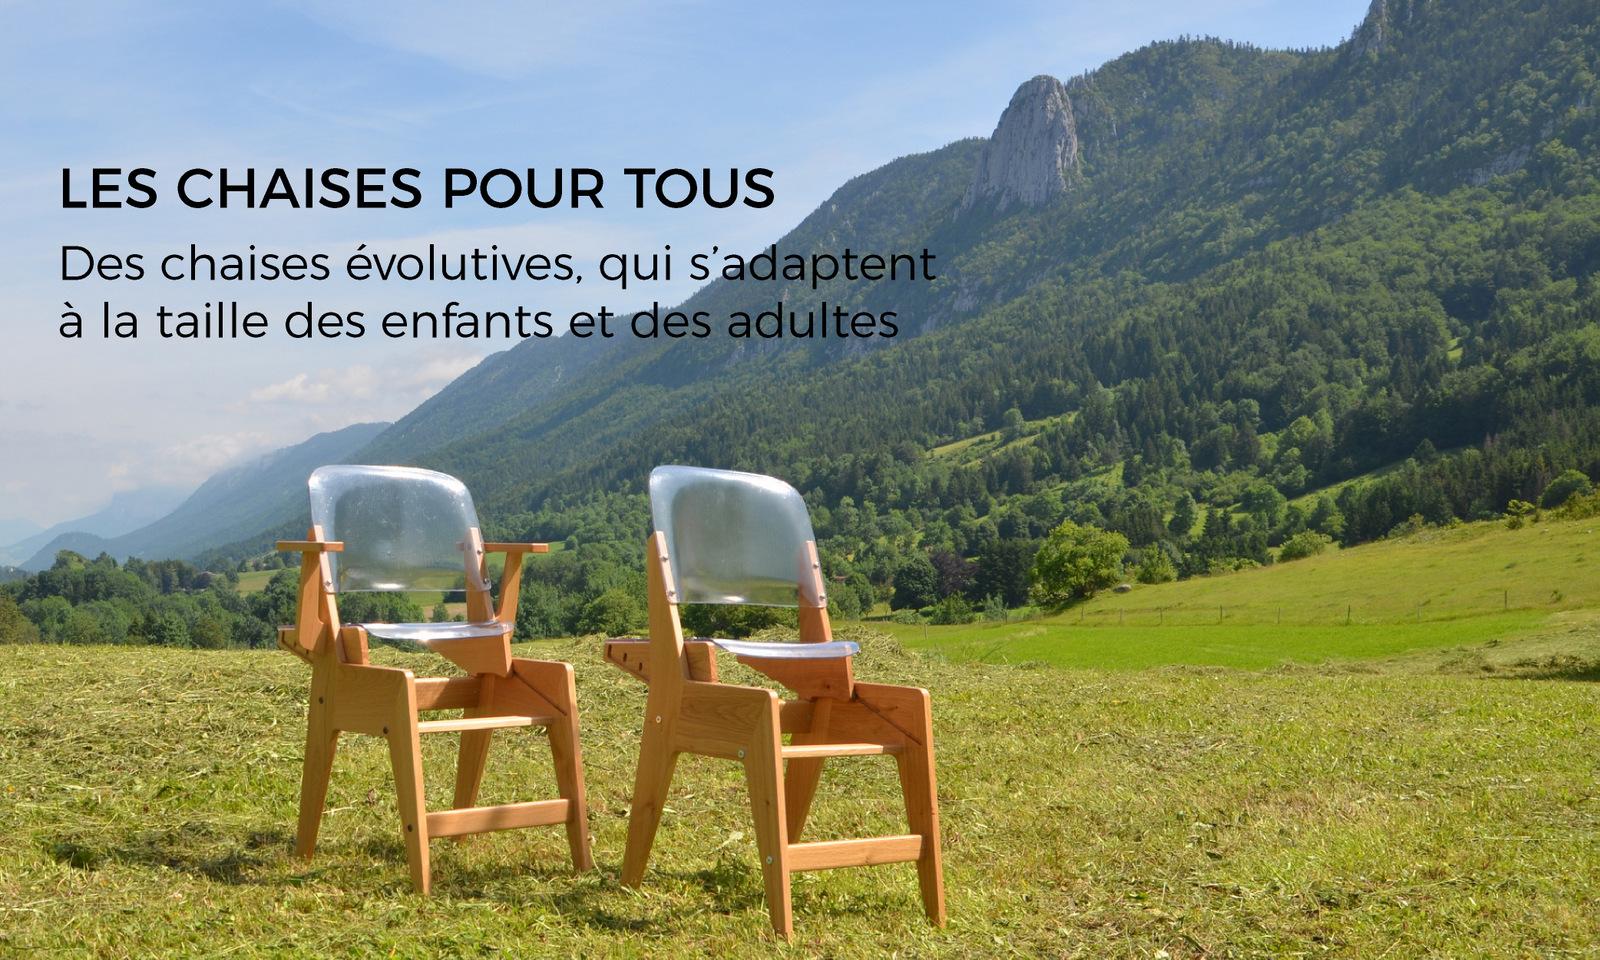 Les chaises pour tous : des chaises évolutives, qui s'adaptent à la taille des enfants et des adultes